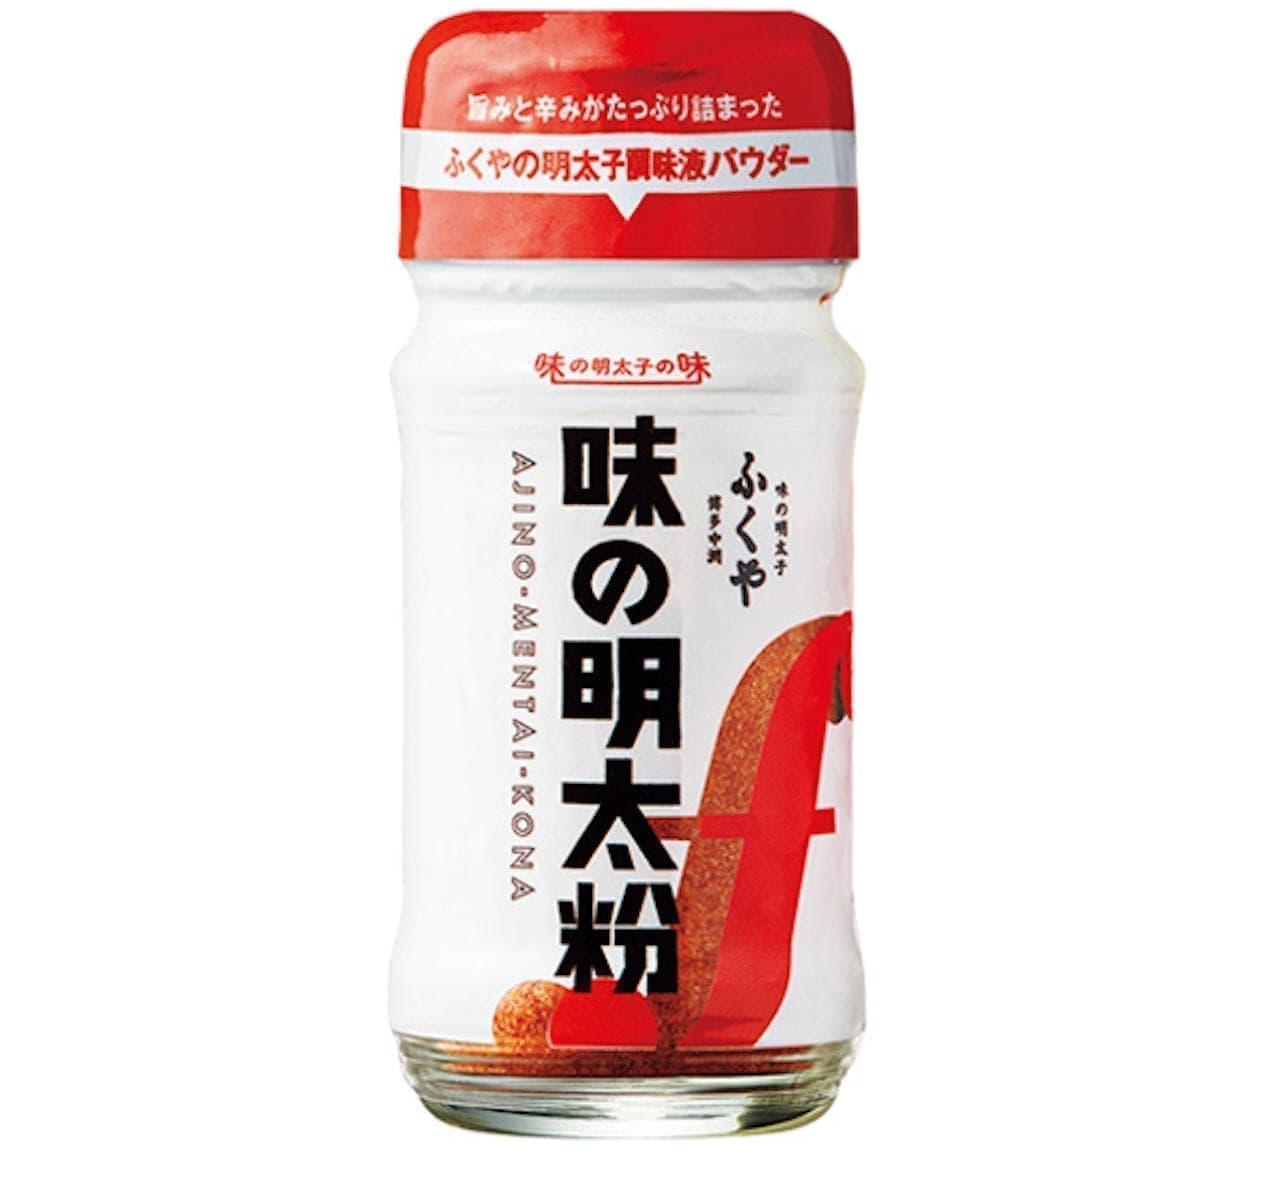 ふくやの明太子のエッセンスが詰まった調味パウダー「味の明太粉」